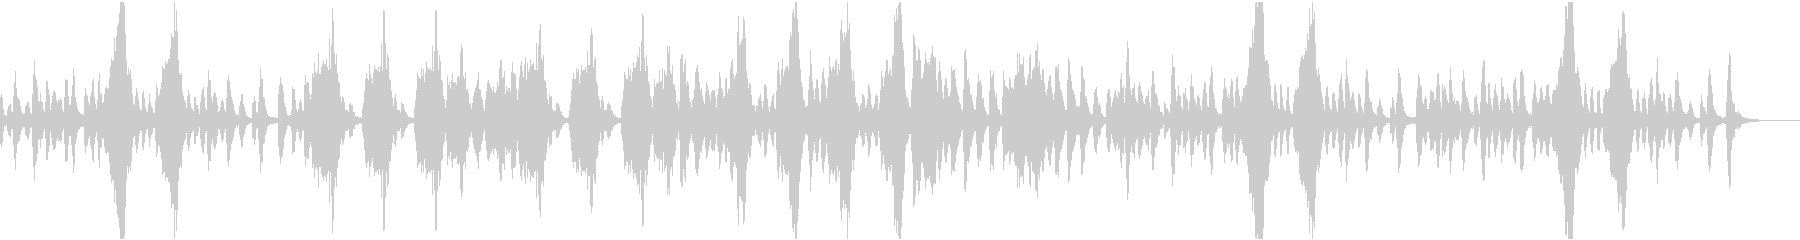 日常系BGMの未再生の波形